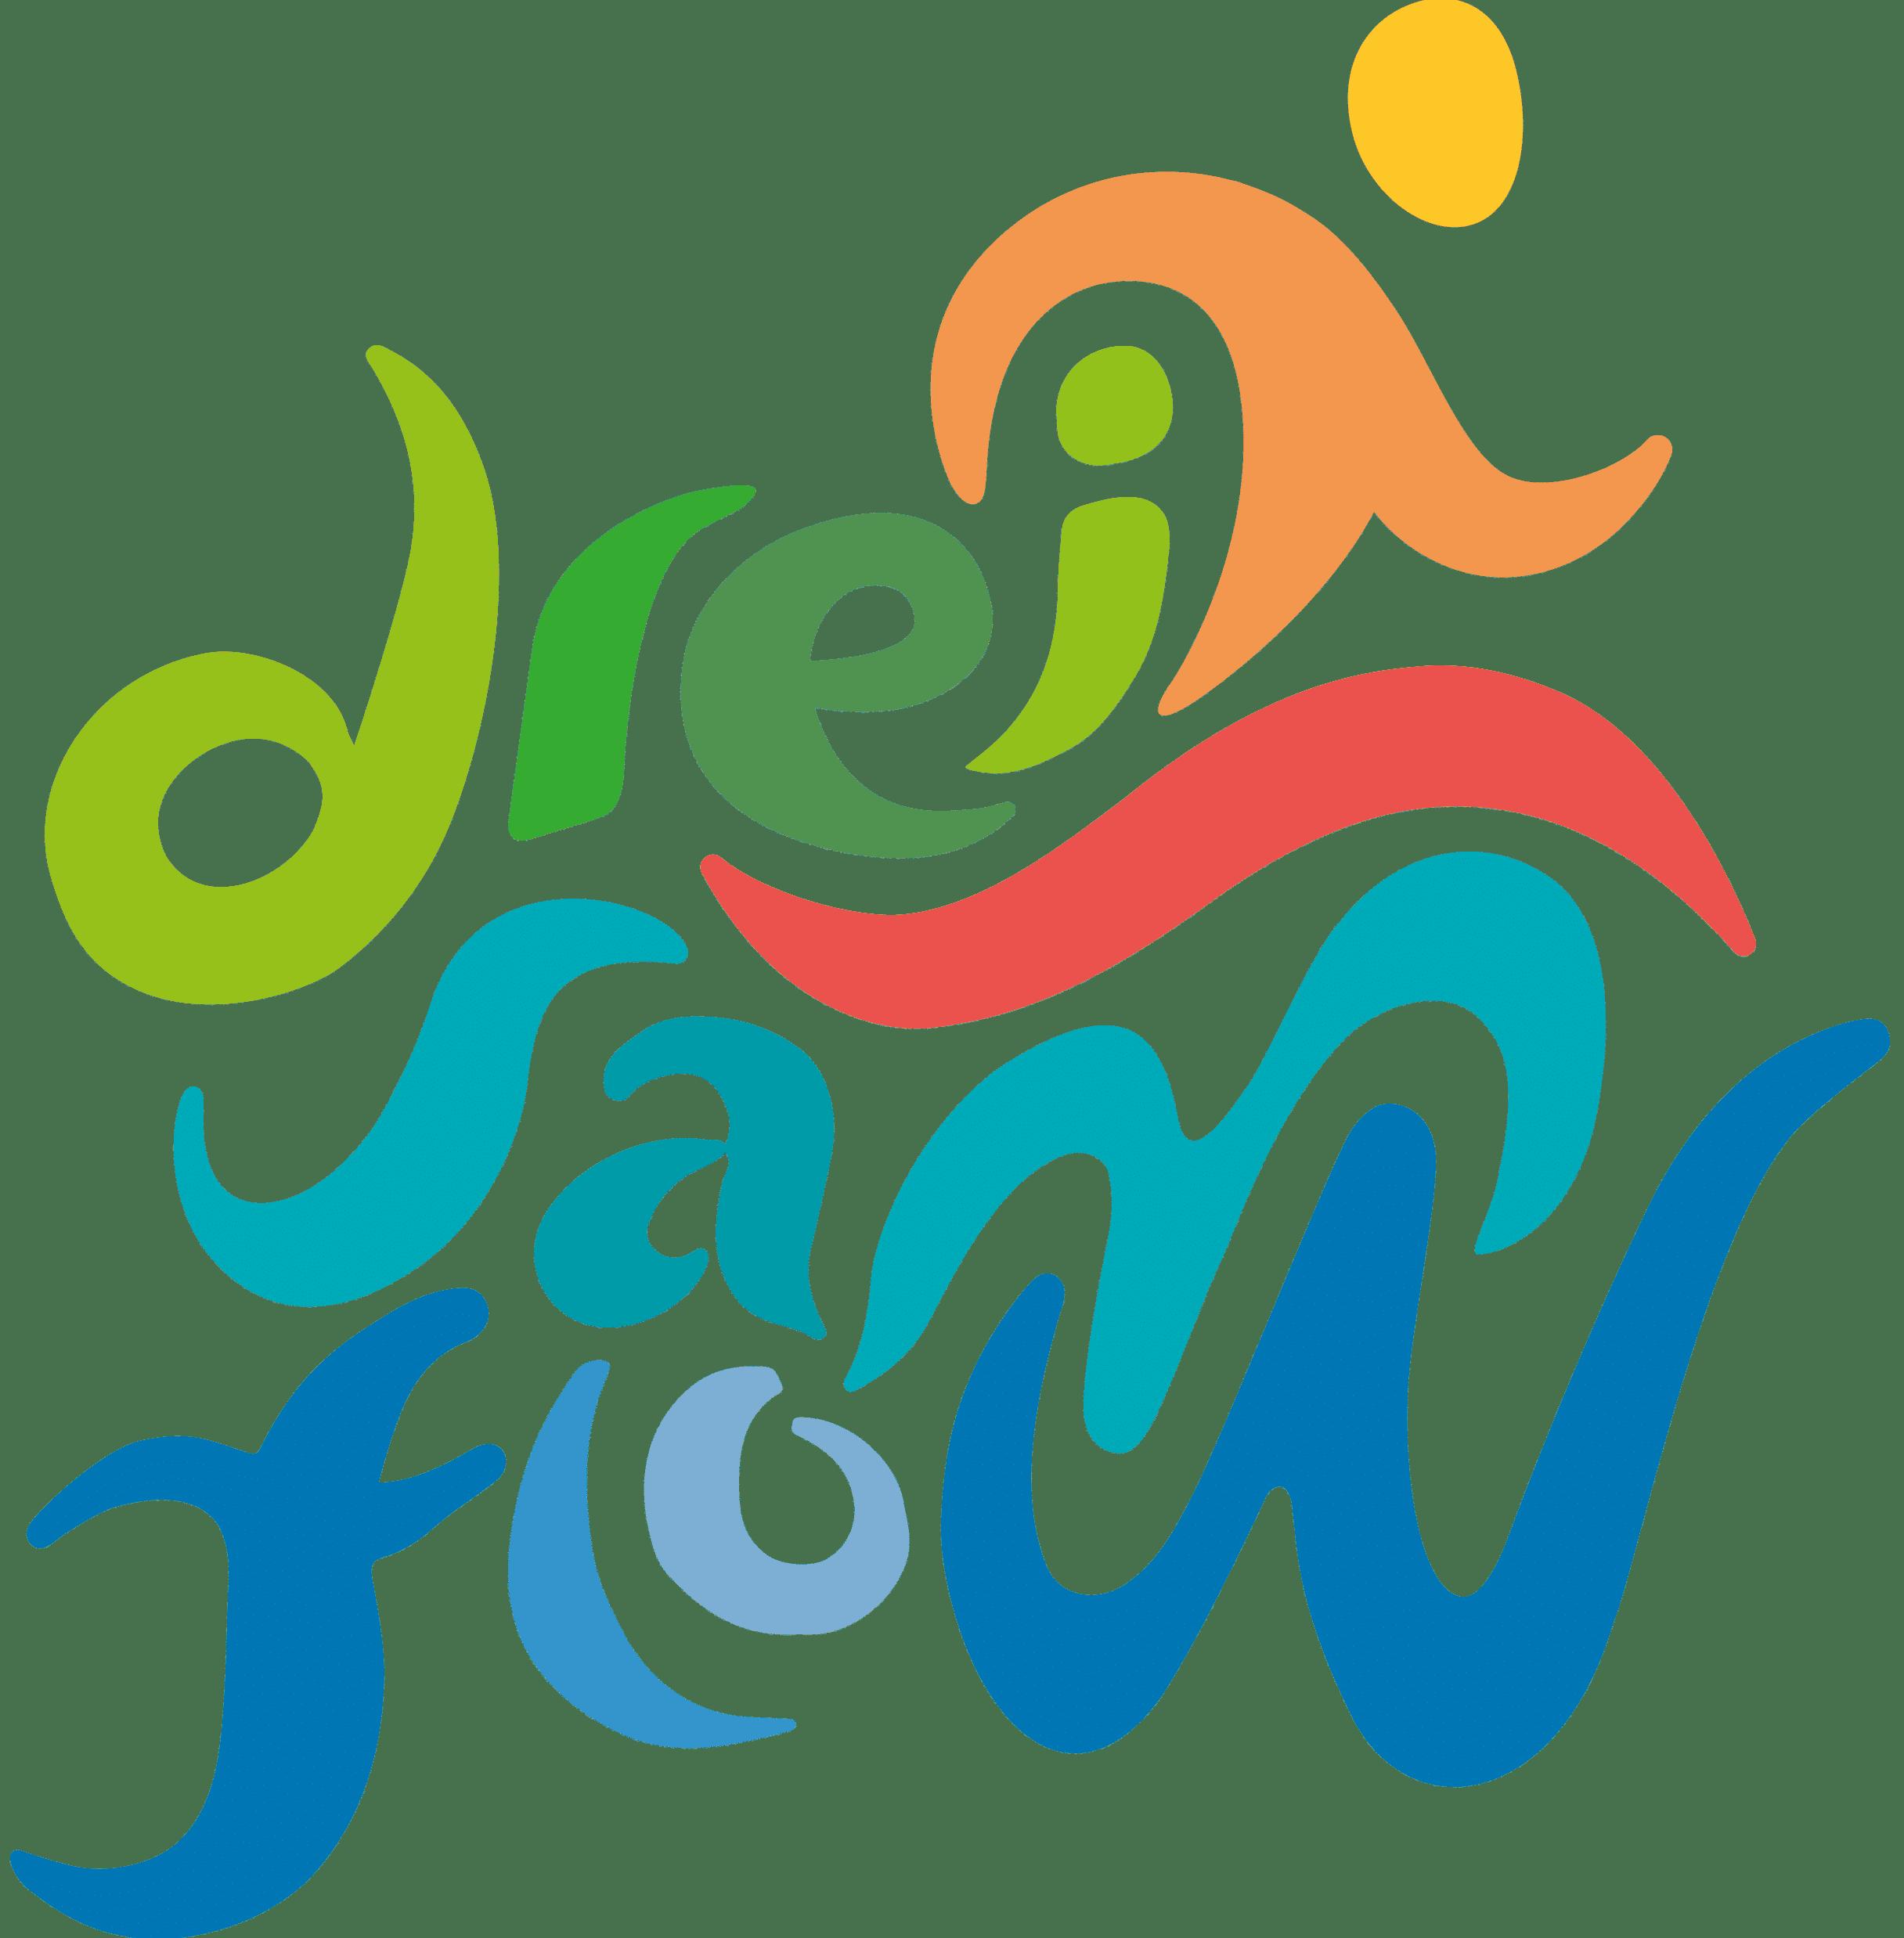 Jung und Krebs veranstaltet DreisamFlow - ein Laufwettbewerb an der Dreisam in Freiburg